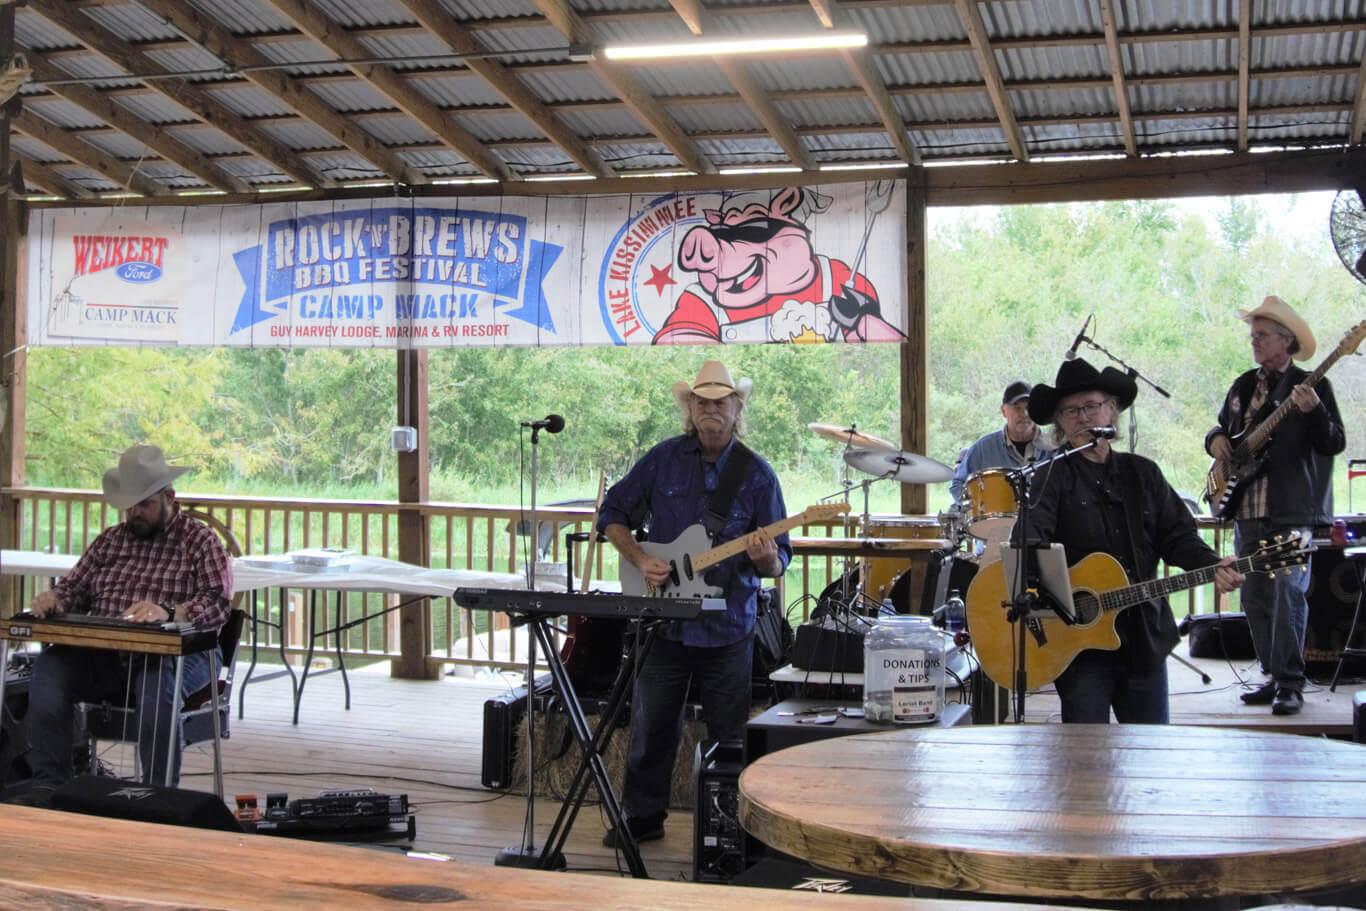 Rock 'N' Brews BBQ Band